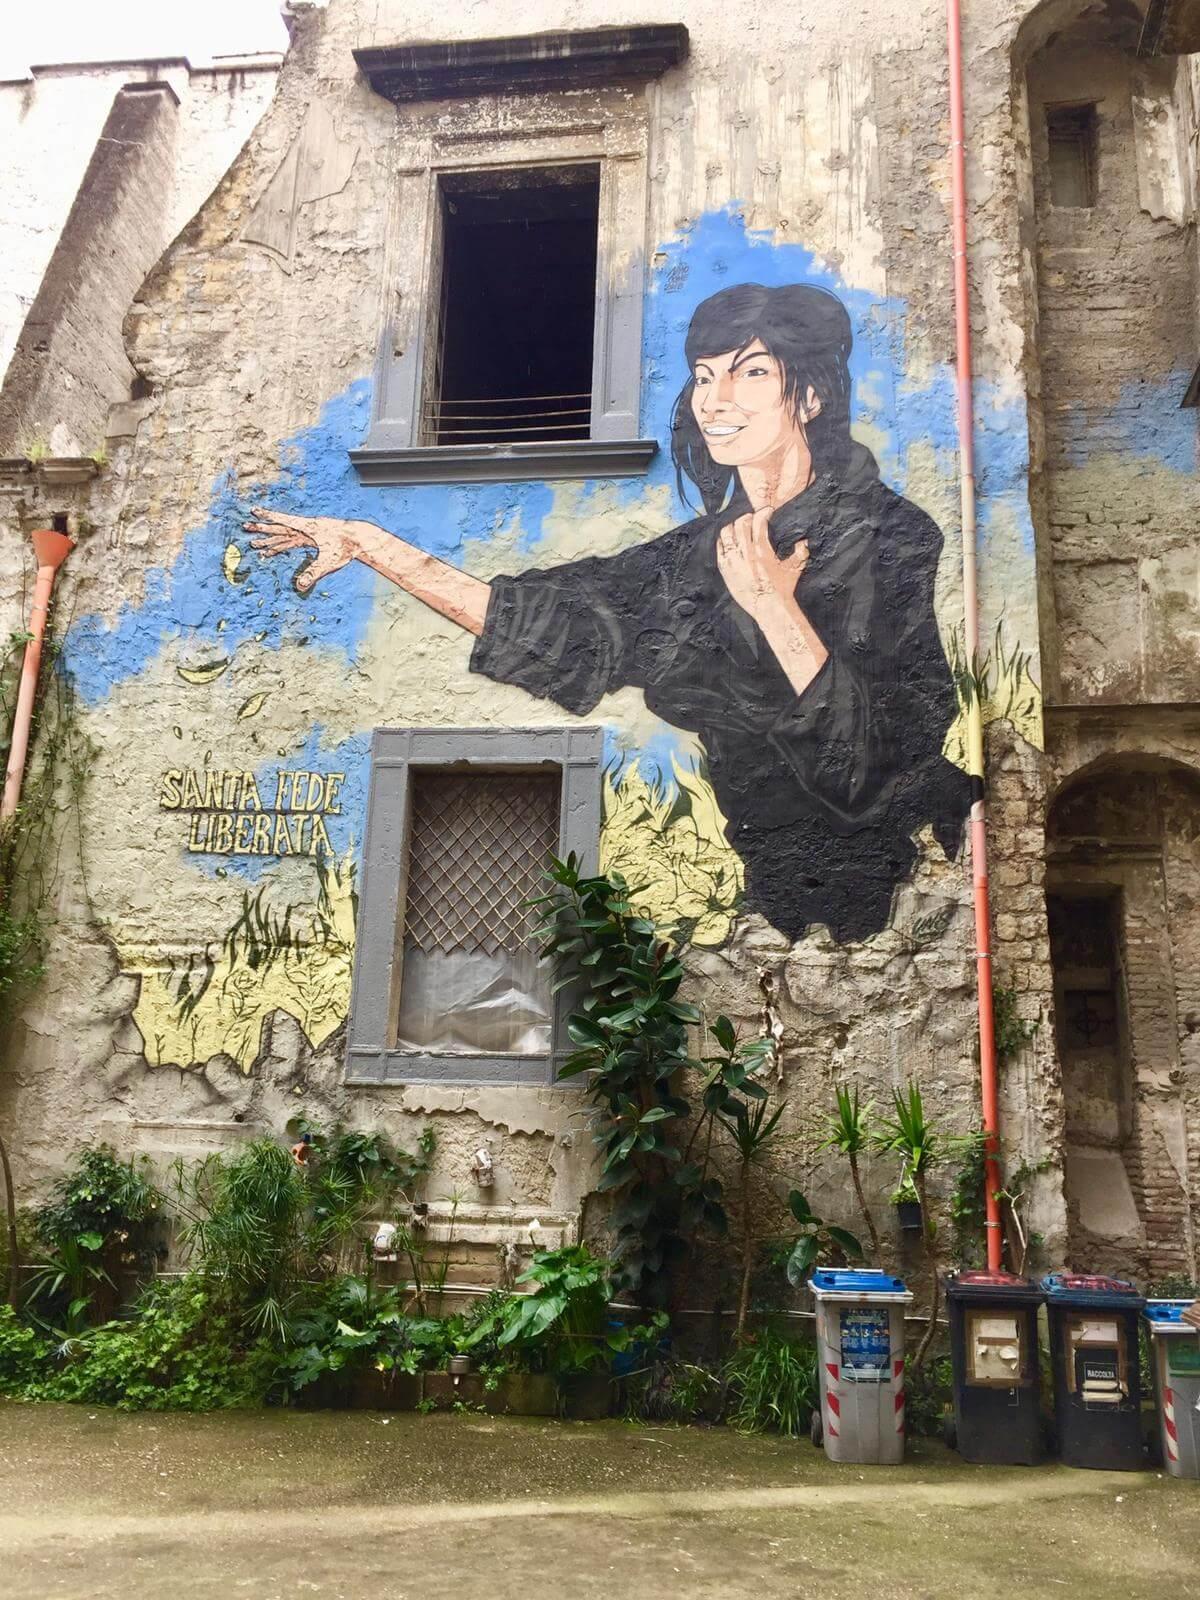 אמנות רחוב בעיר העתיקה בנאפולי